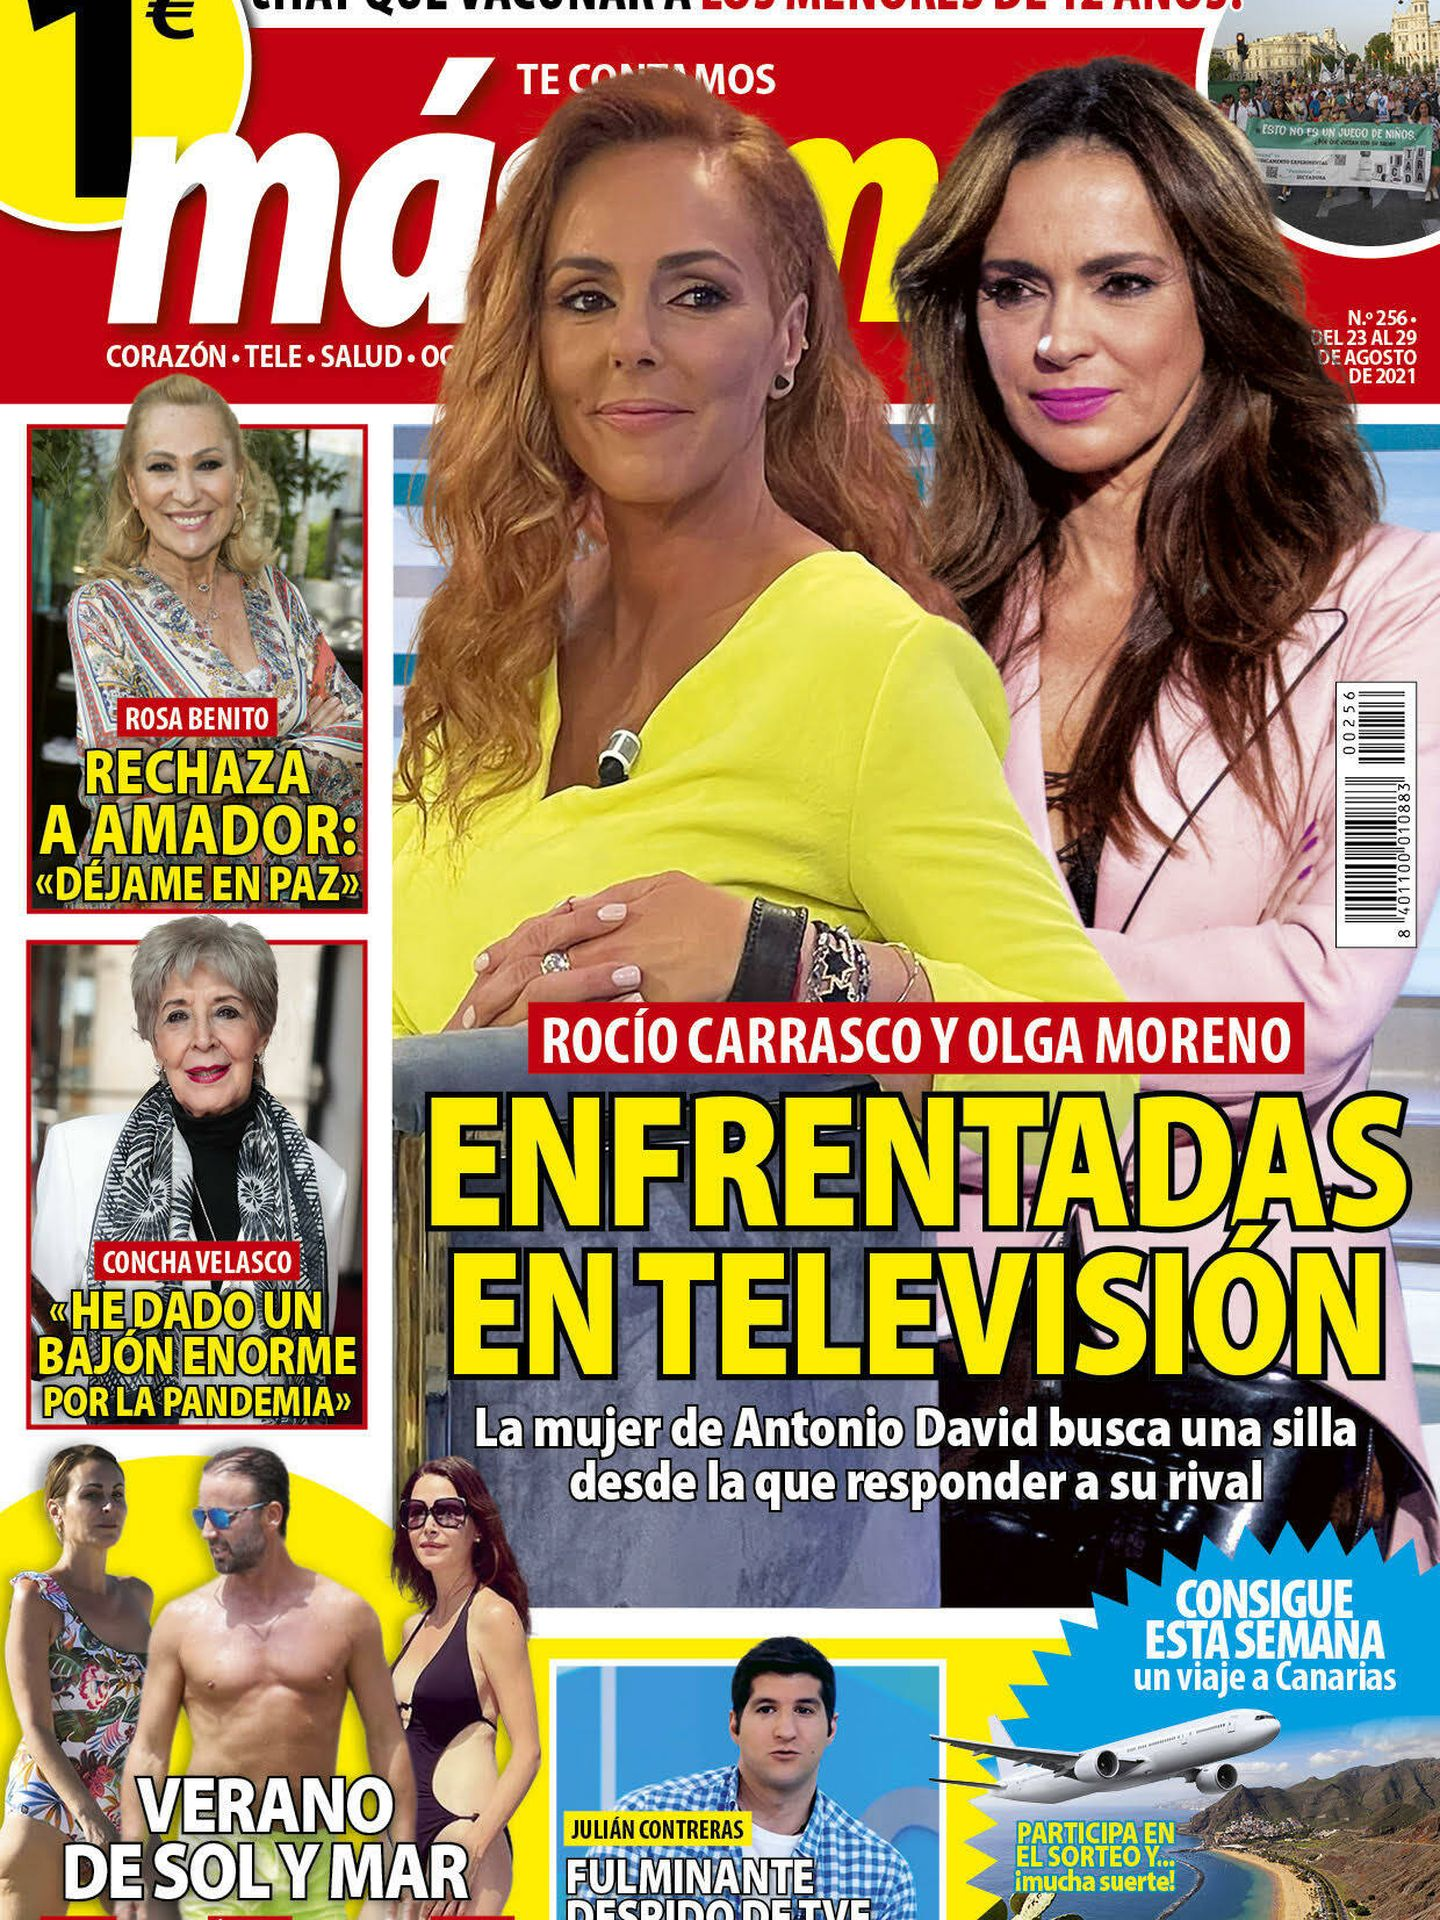 La portada de 'Más Noticias'.